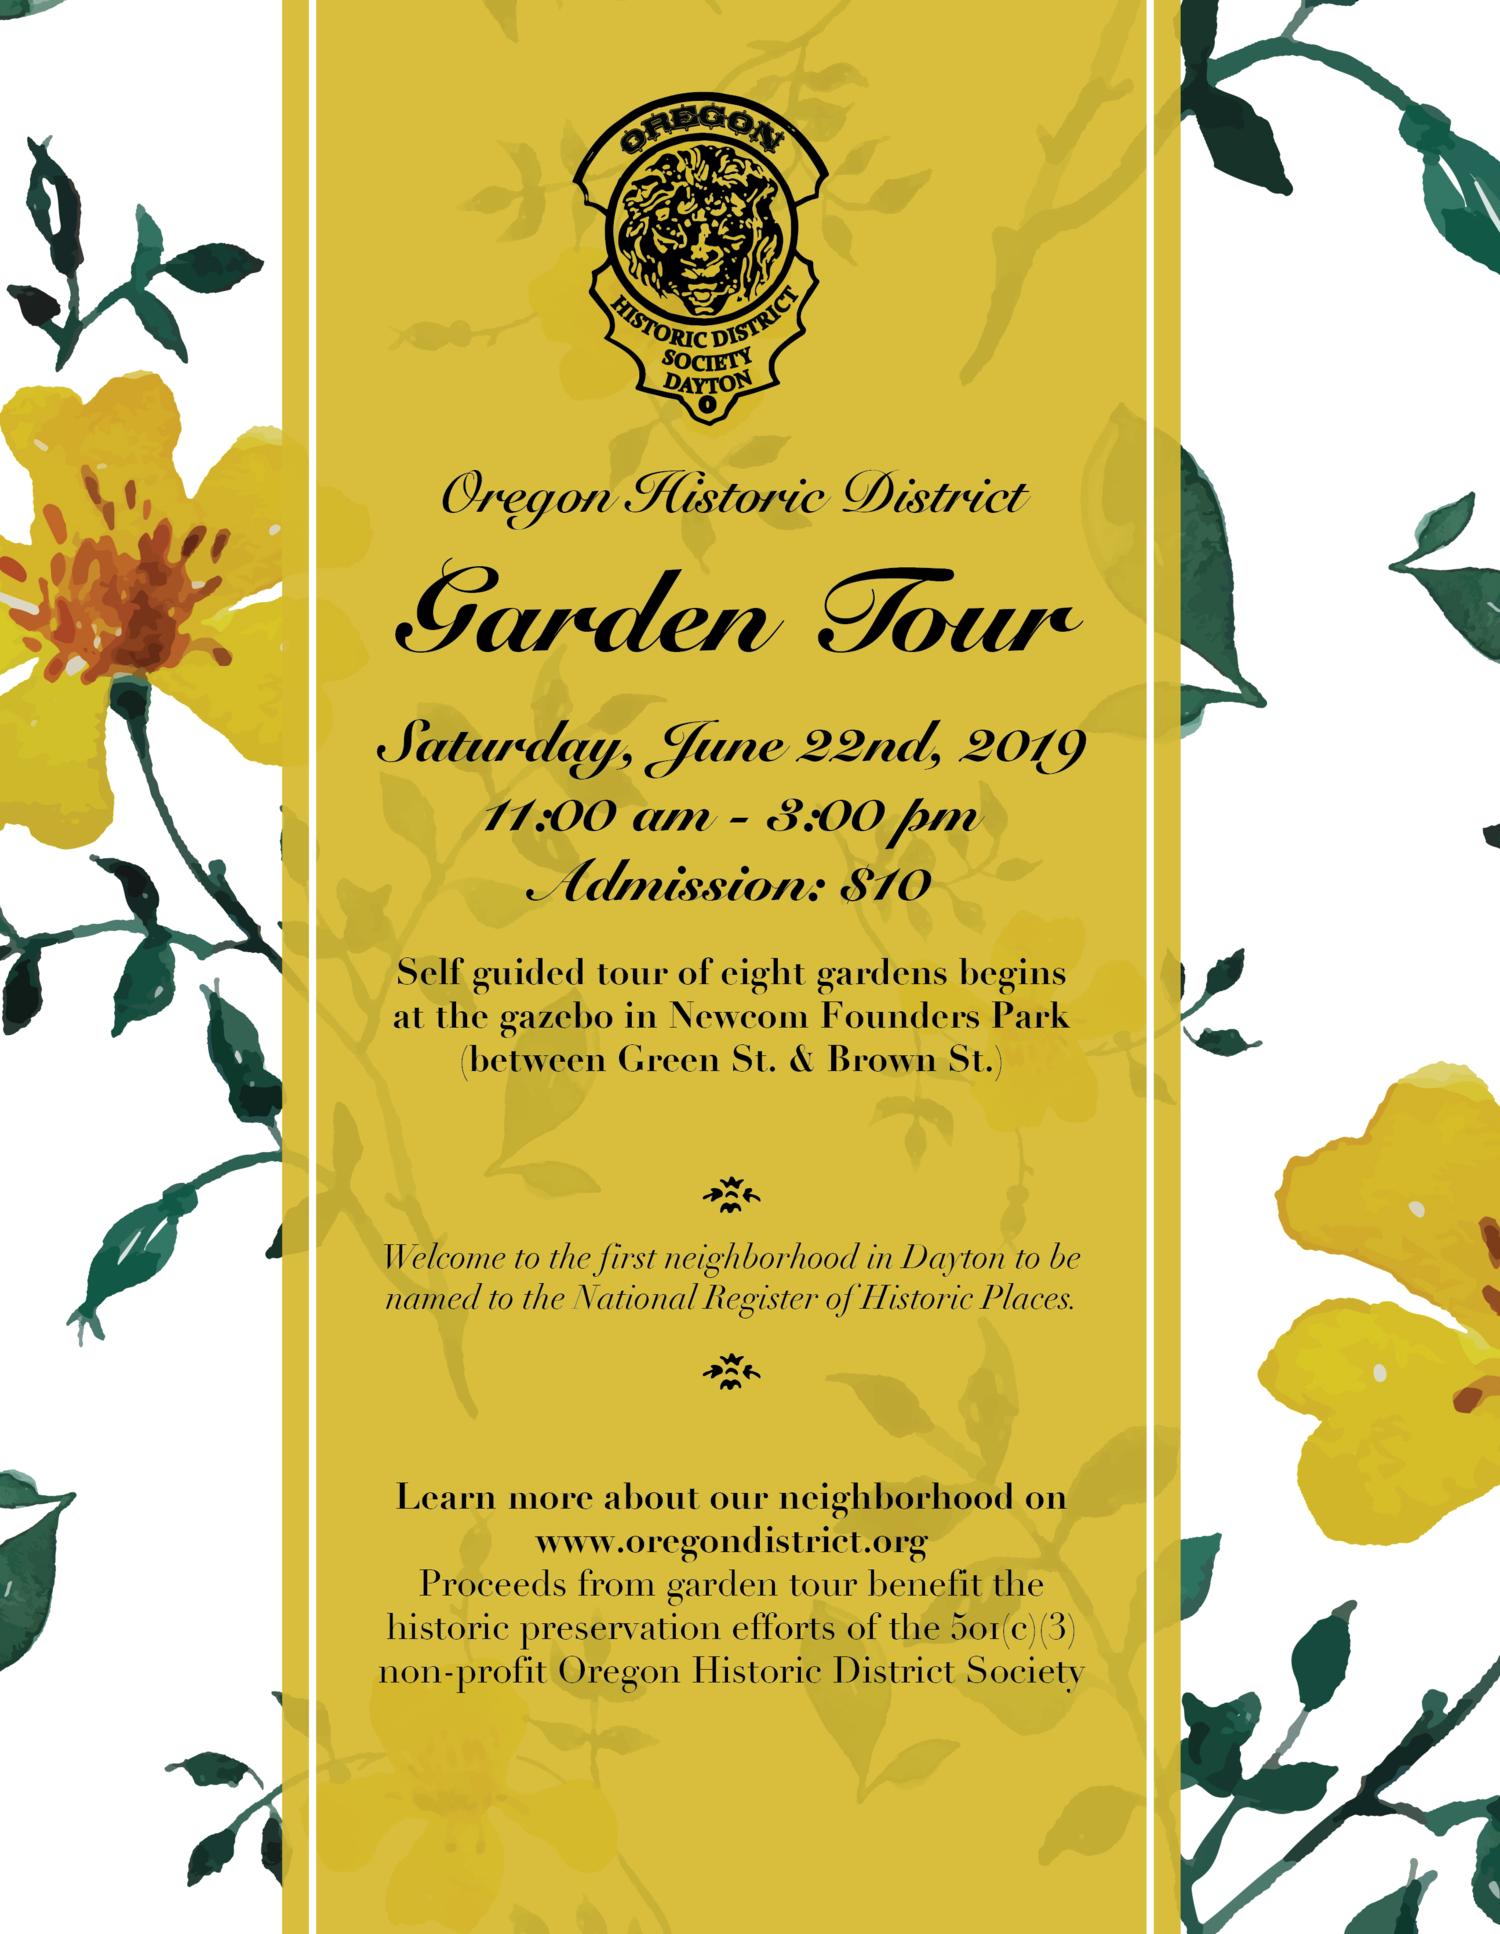 Oregon District Christmas Tour 2019 Oregon Historic District Society's 2019 Garden Tour — Oregon